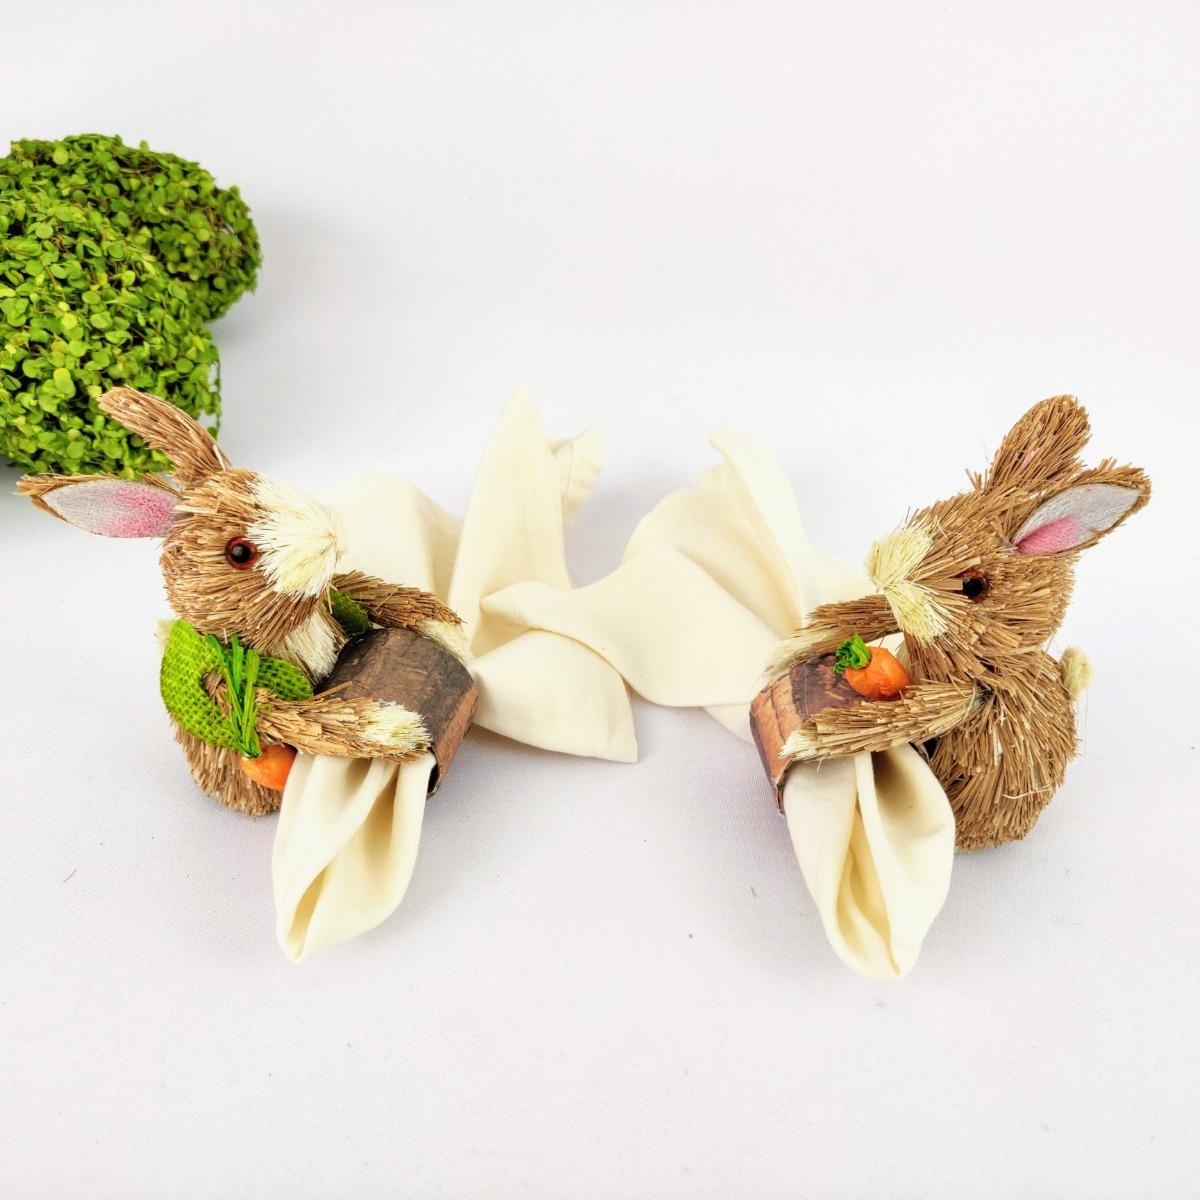 Servietten Falten - Tisch mit Hasen dekorieren